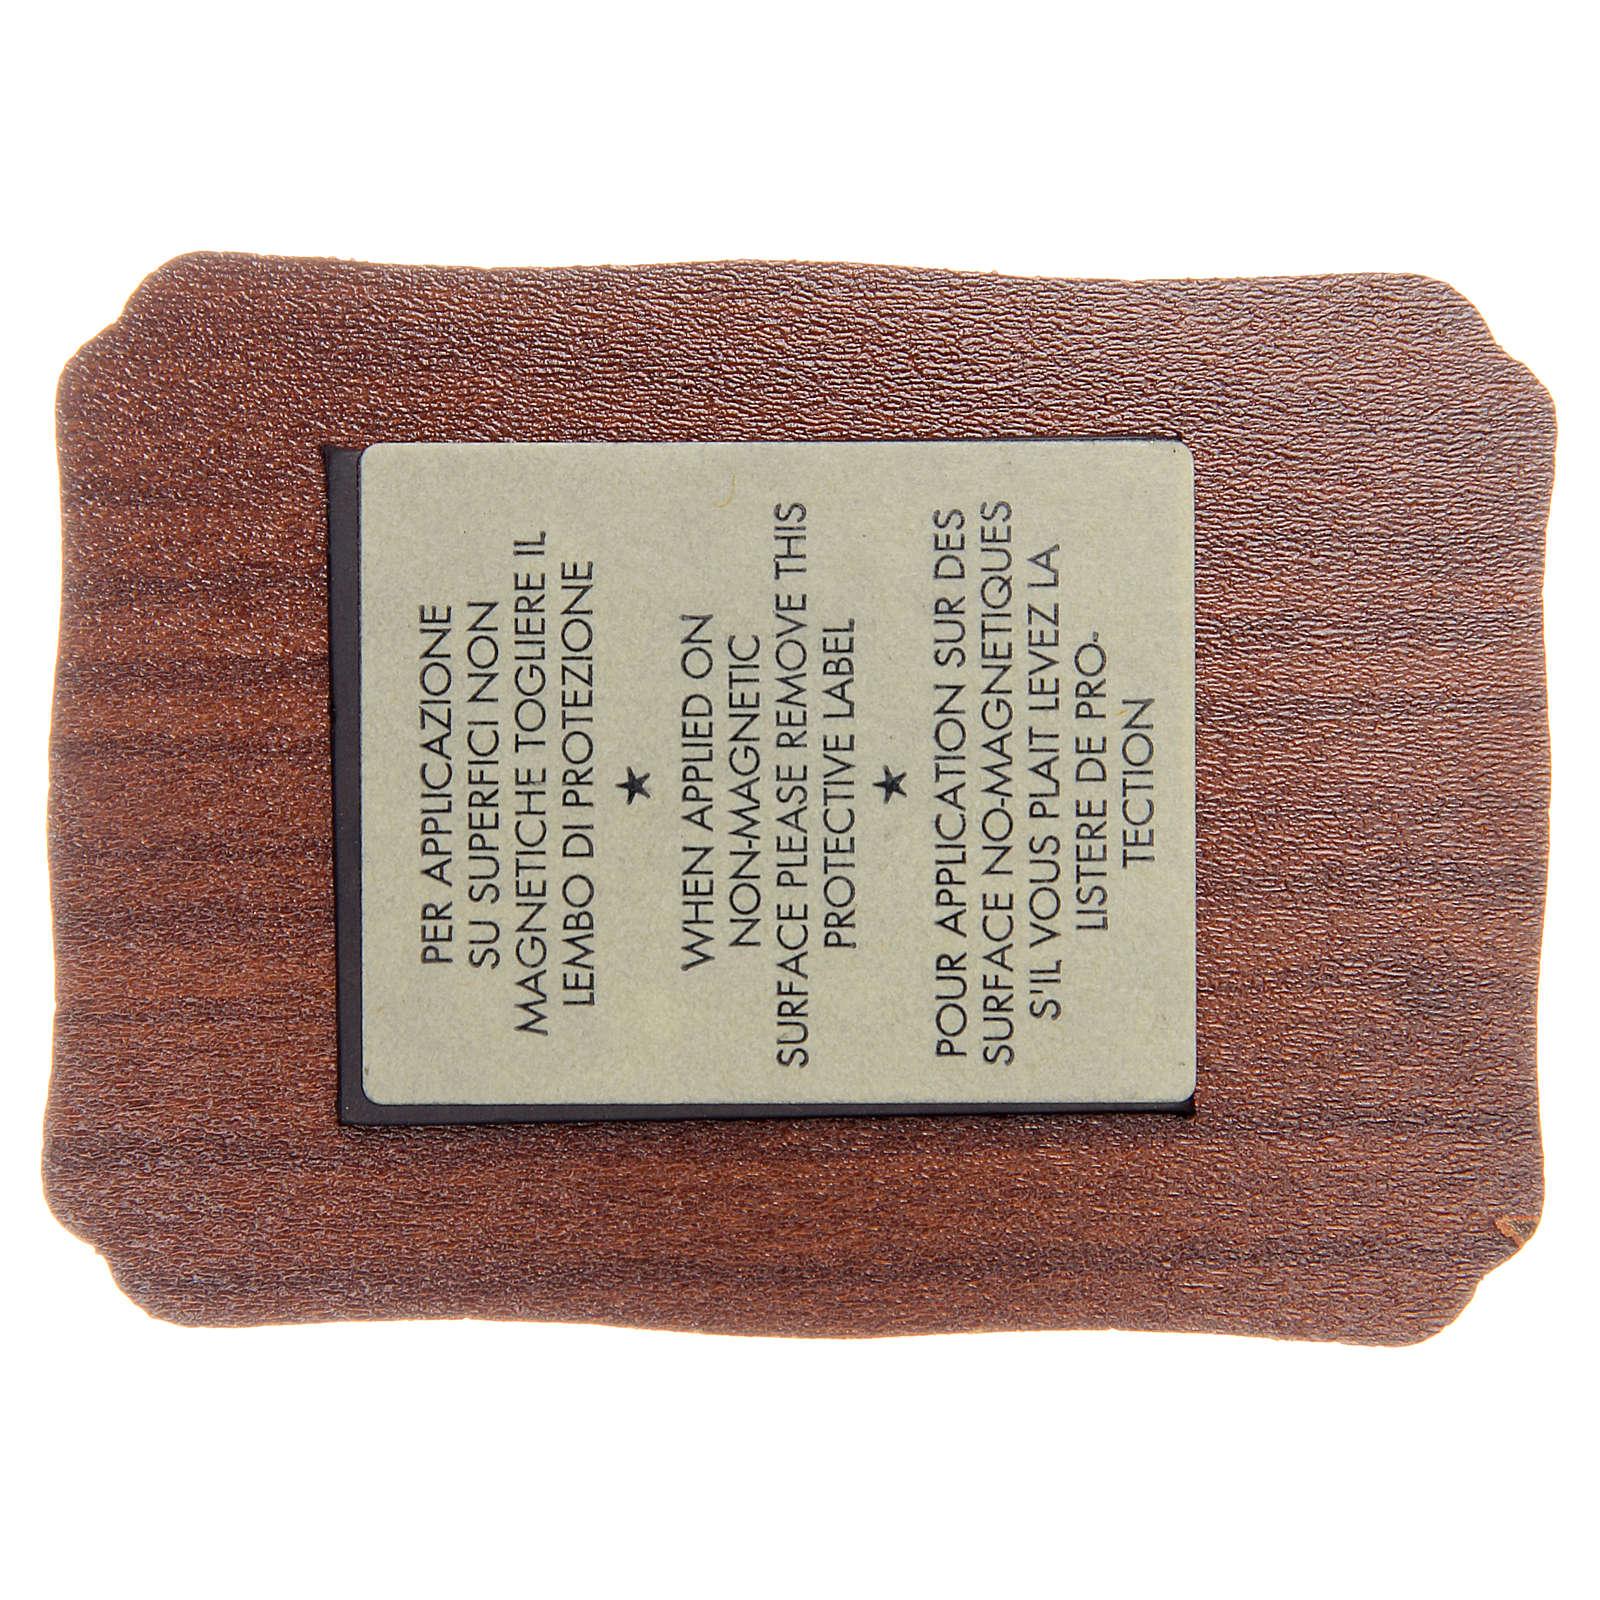 STOCK Calamita 3 Papi legno pergamena cm 8x5,5 FRANCESE 3